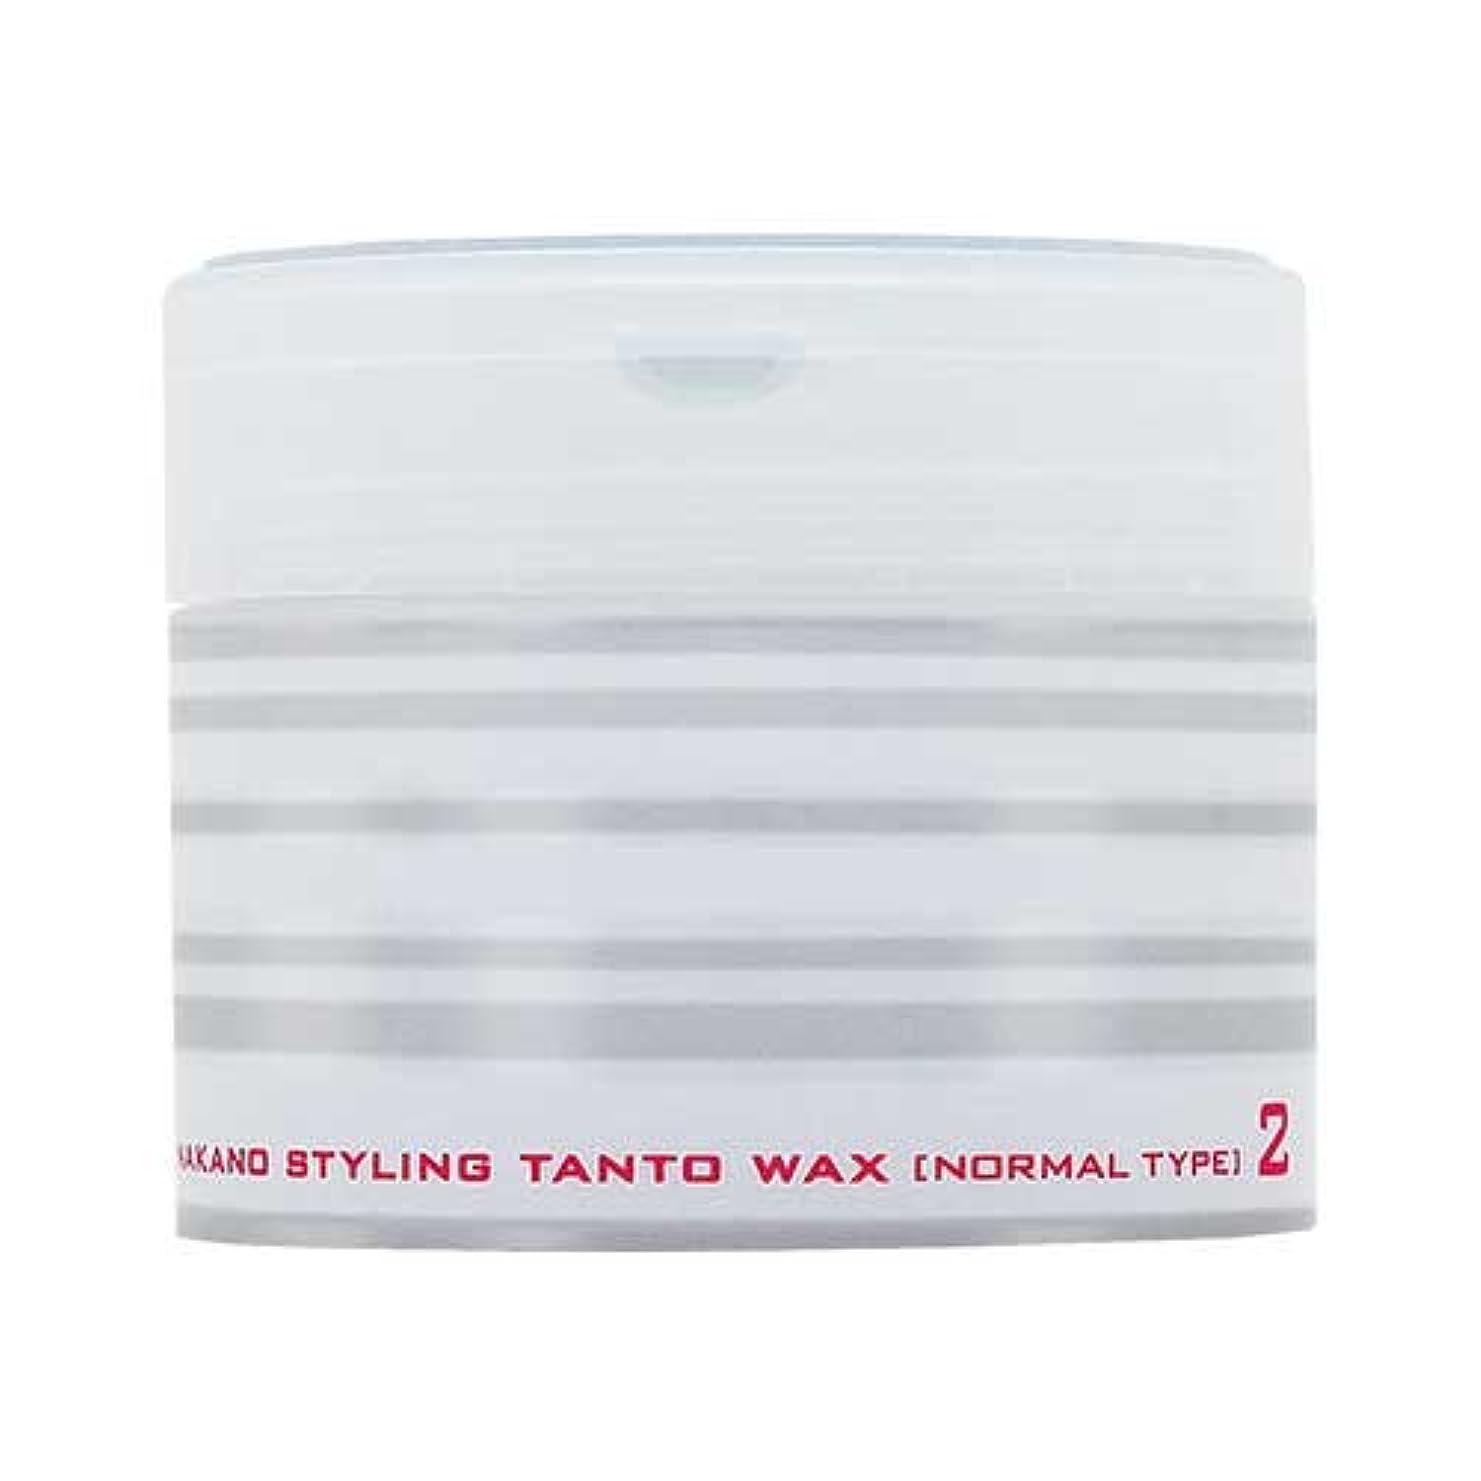 金銭的な以降バッテリーナカノ スタイリング タントN ワックス 2 ノーマルタイプ 90g 中野製薬 NAKANO